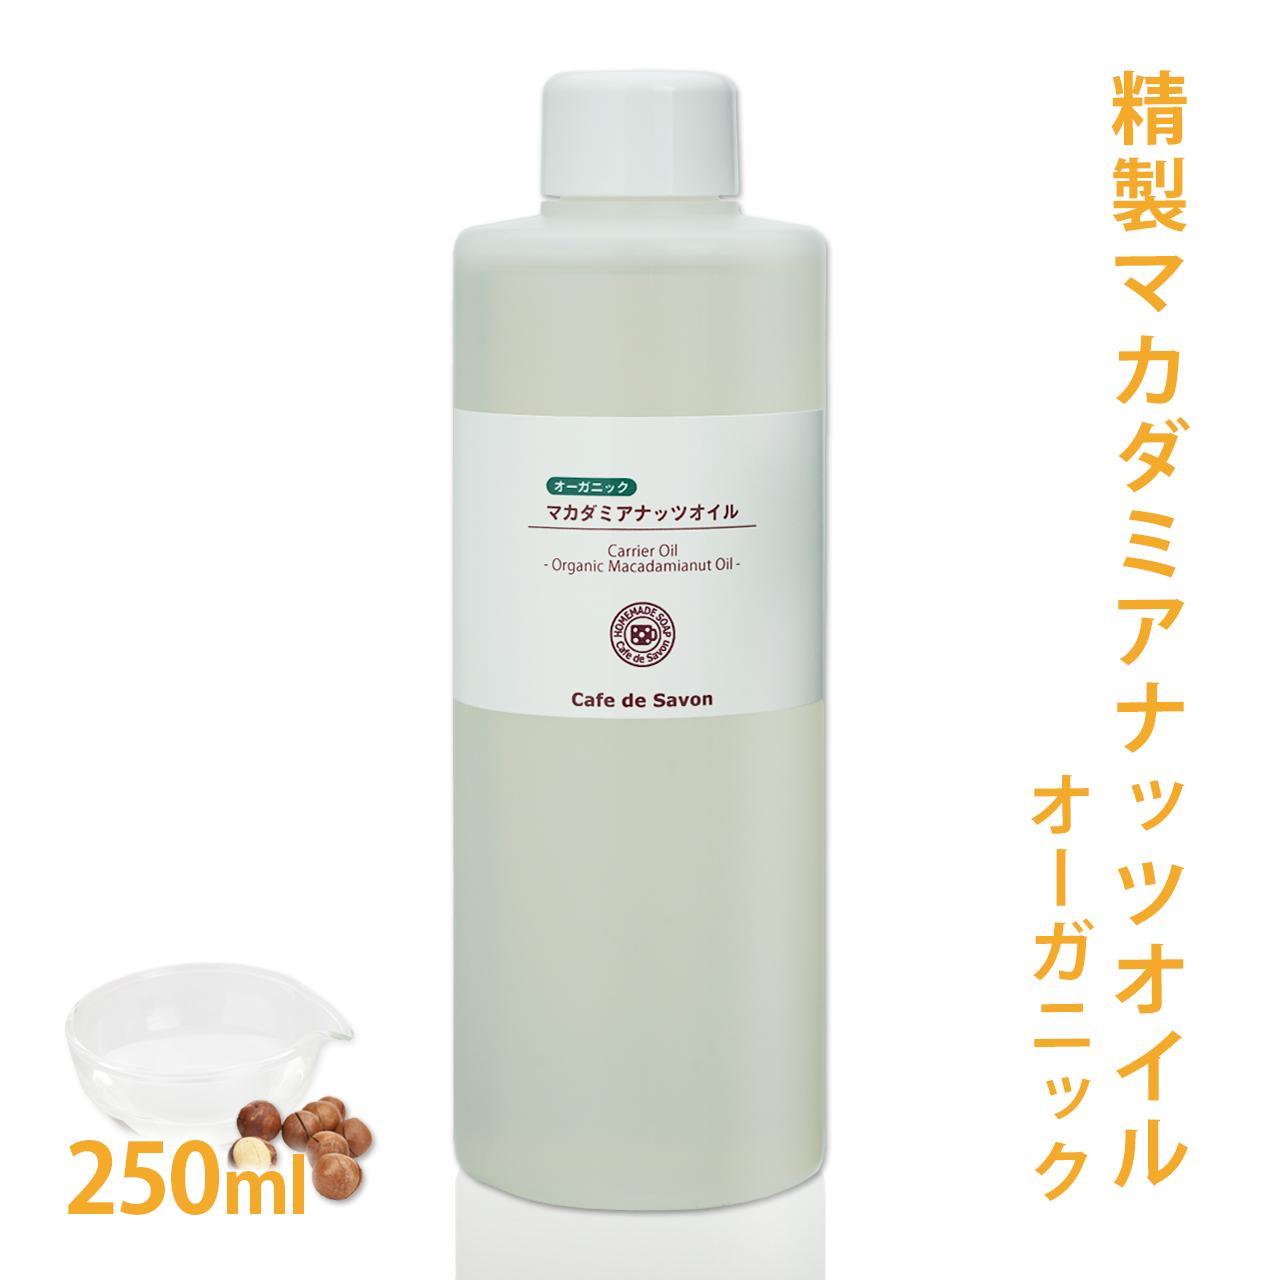 オーガニック 精製マカダミアナッツオイル 250ml 【マカデミアナッツ】